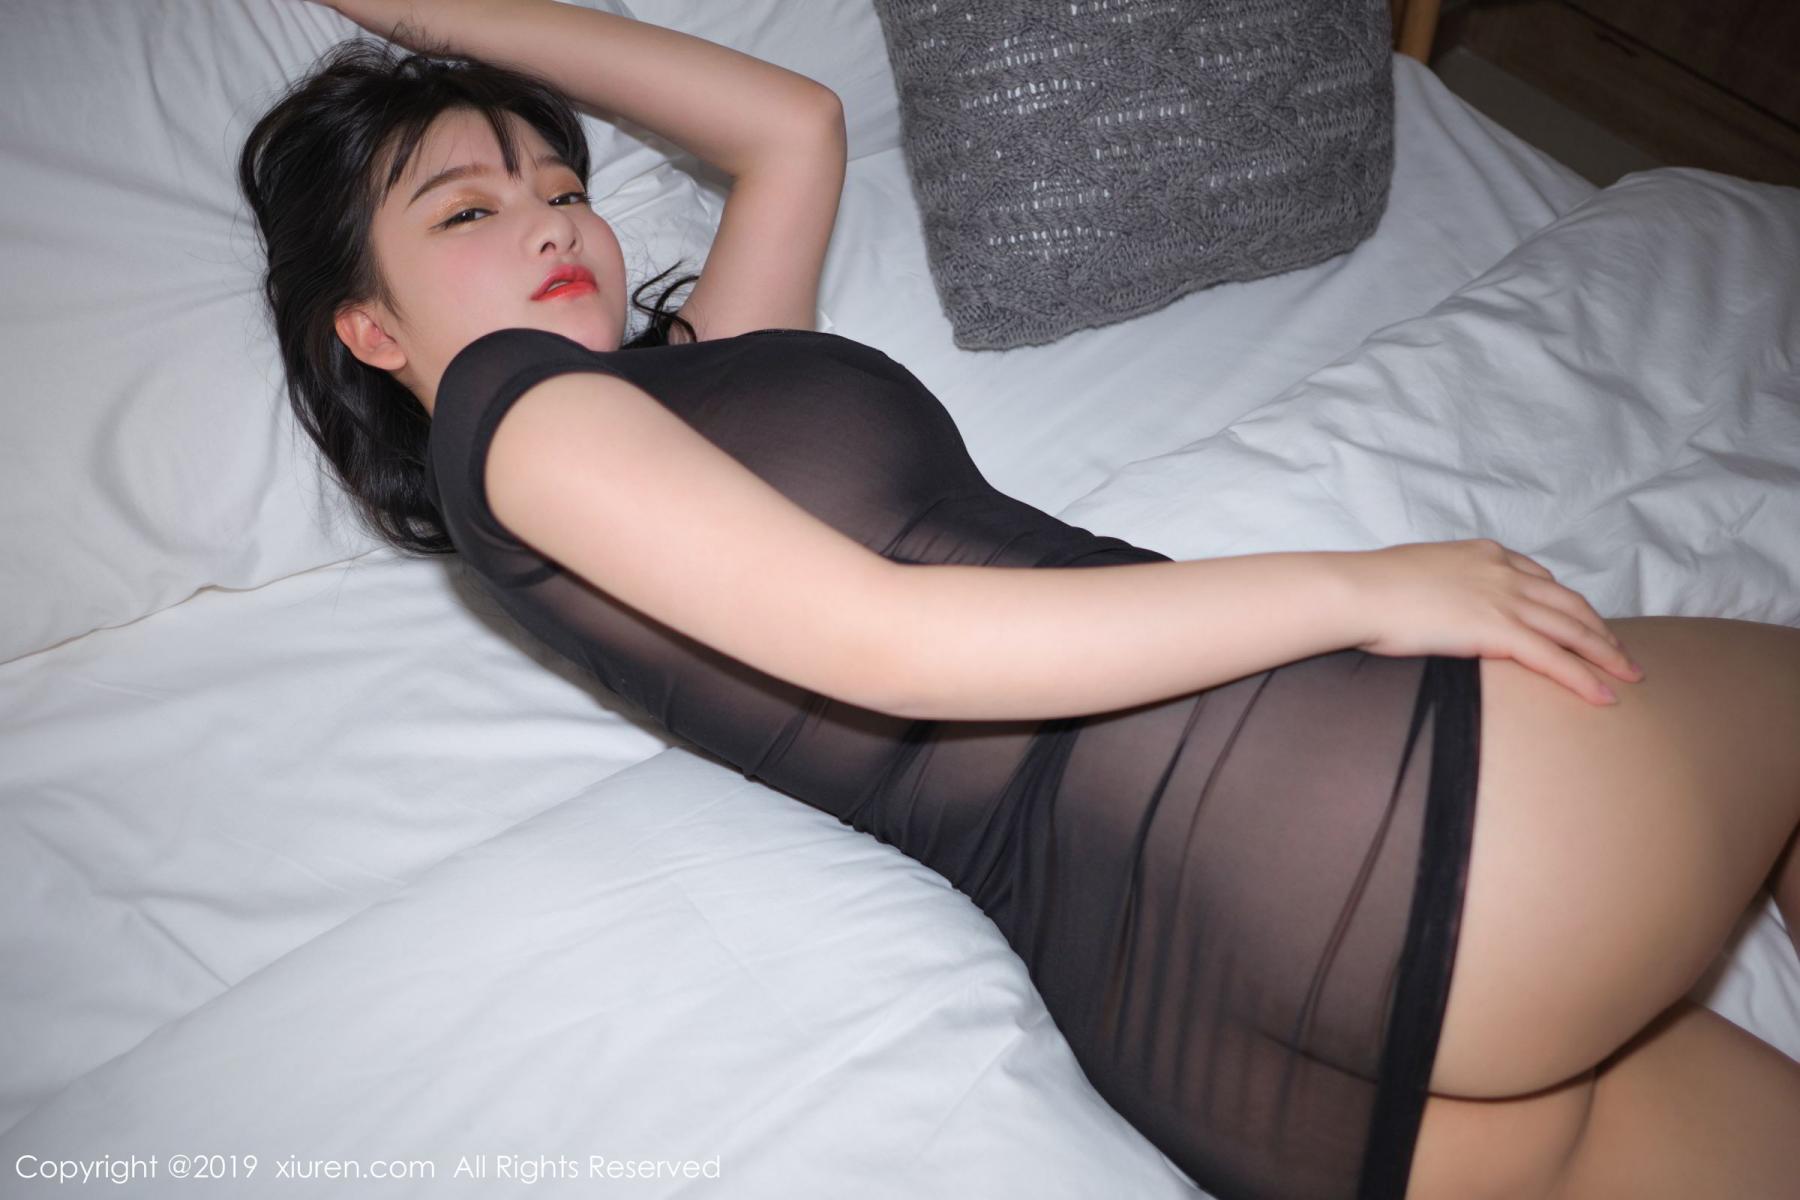 [XiuRen] Vol.1824 Lu Lu Xiao Miao 52P, Baby Face Big Boobs, Lu Lu Xiao Miao, Maid, Xiuren